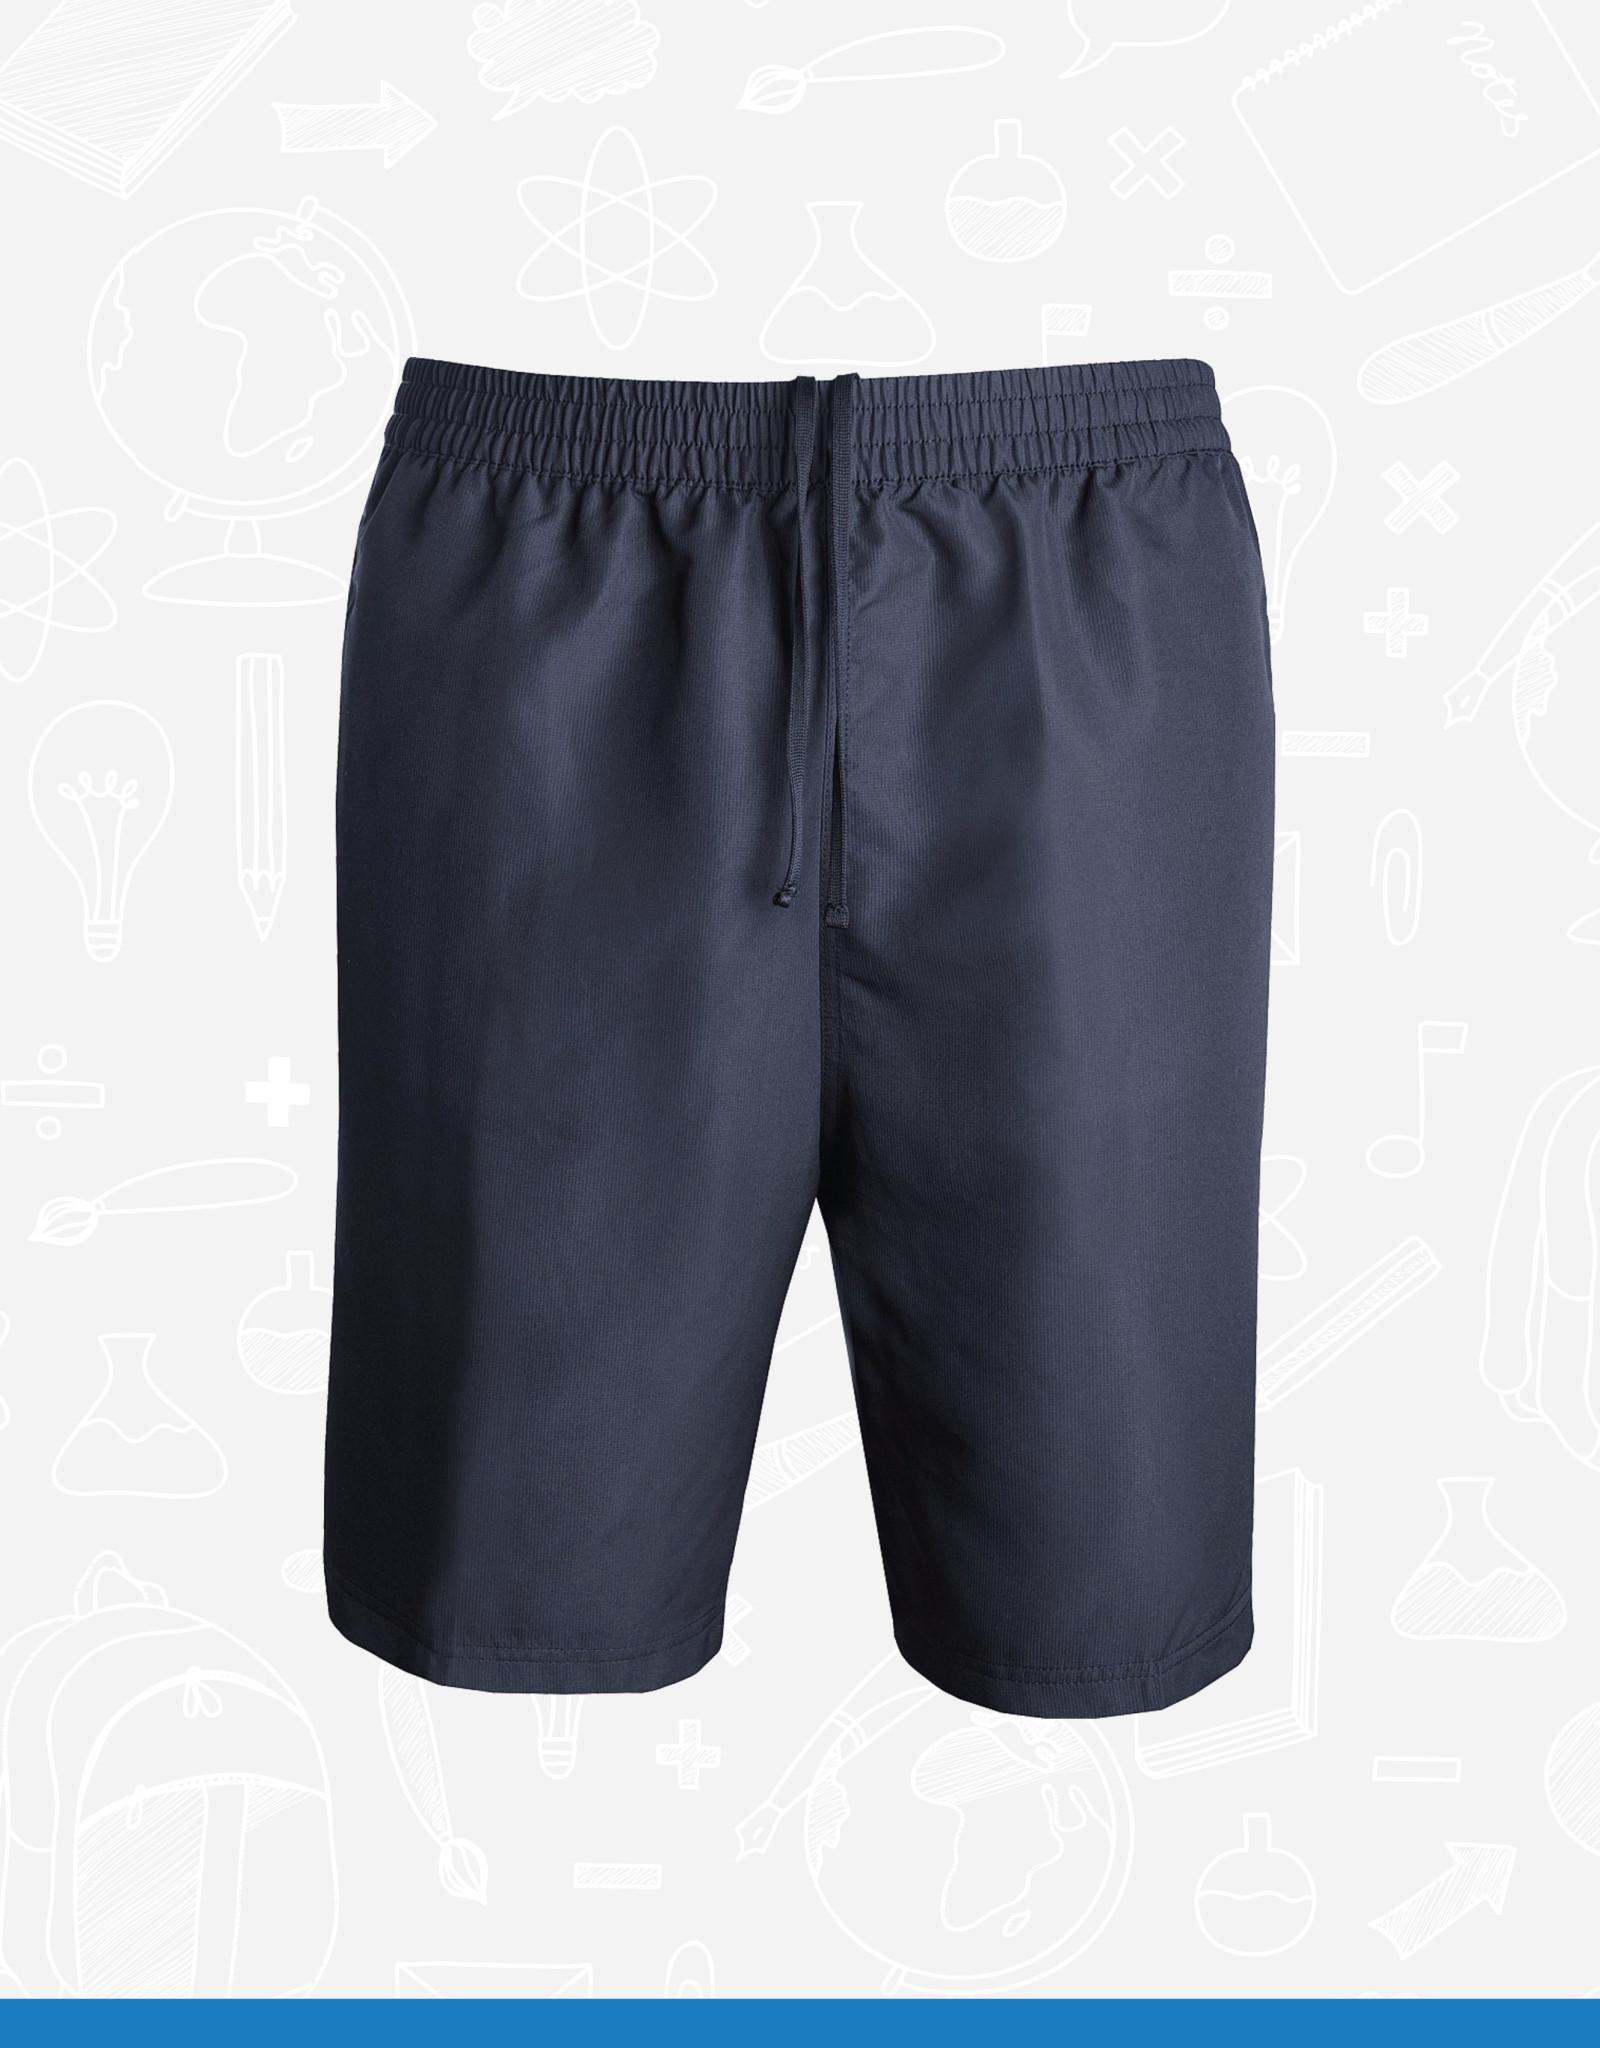 Aptus Aptus Training Shorts (111886) (BAN)